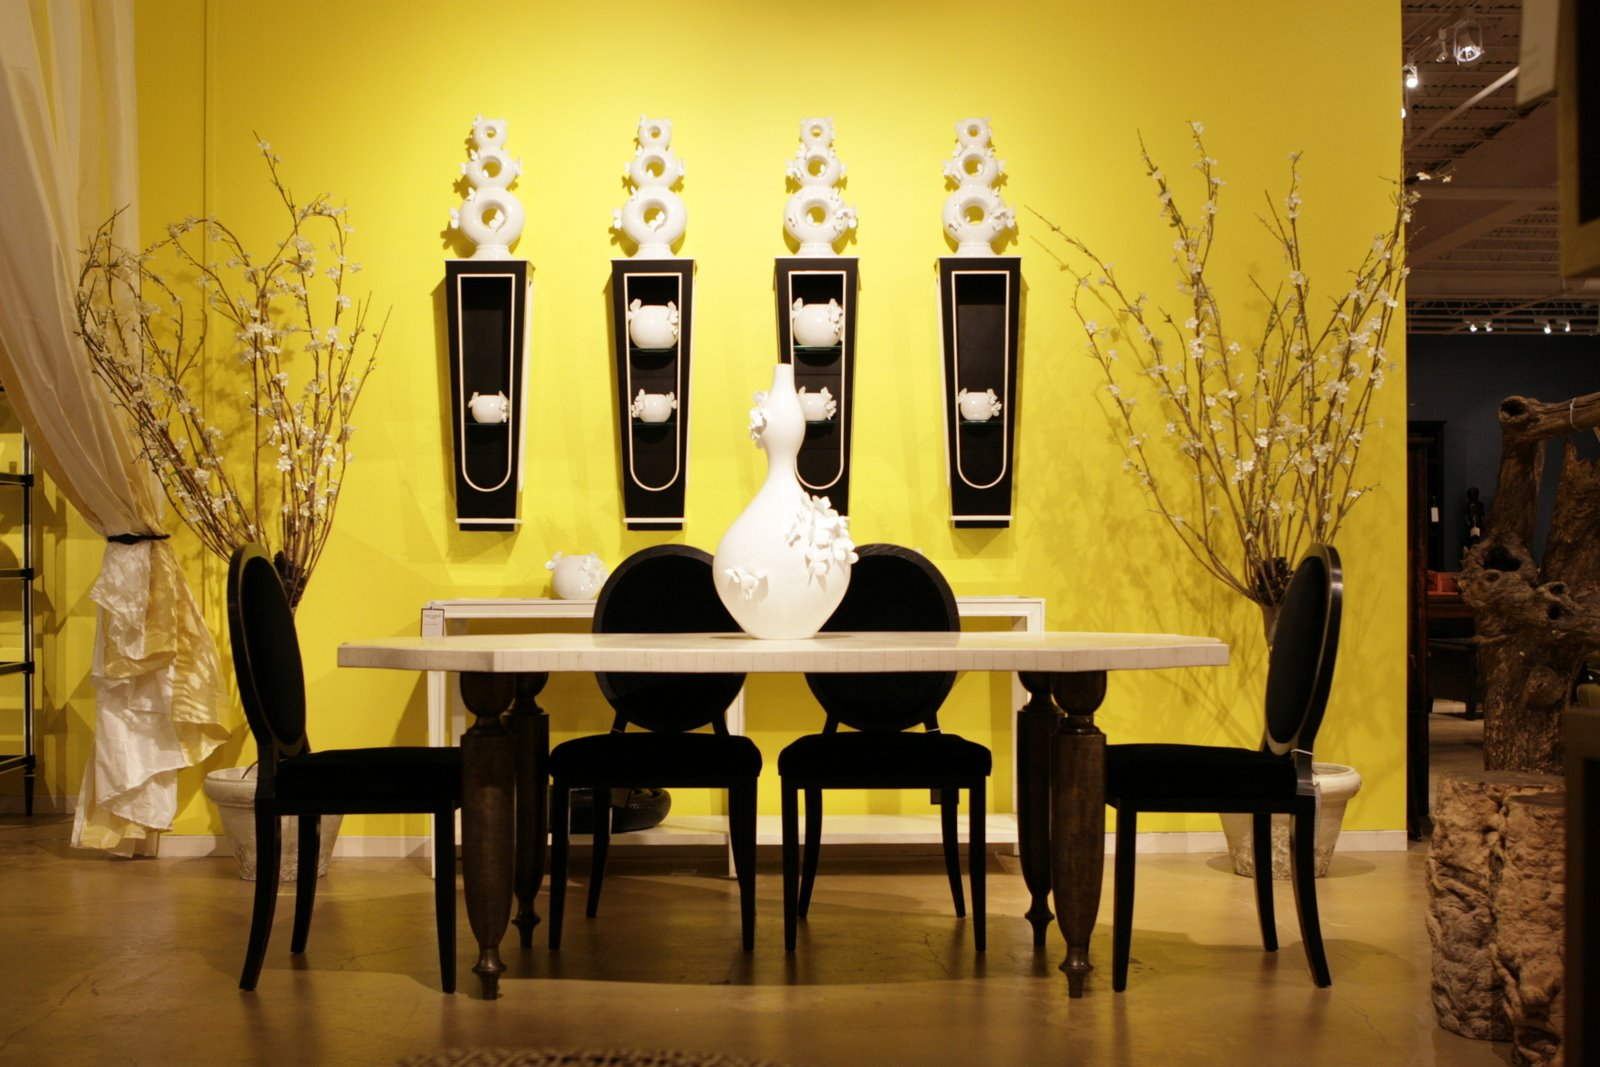 Inspiración y color para la decoración interior   Pinturas El Artista